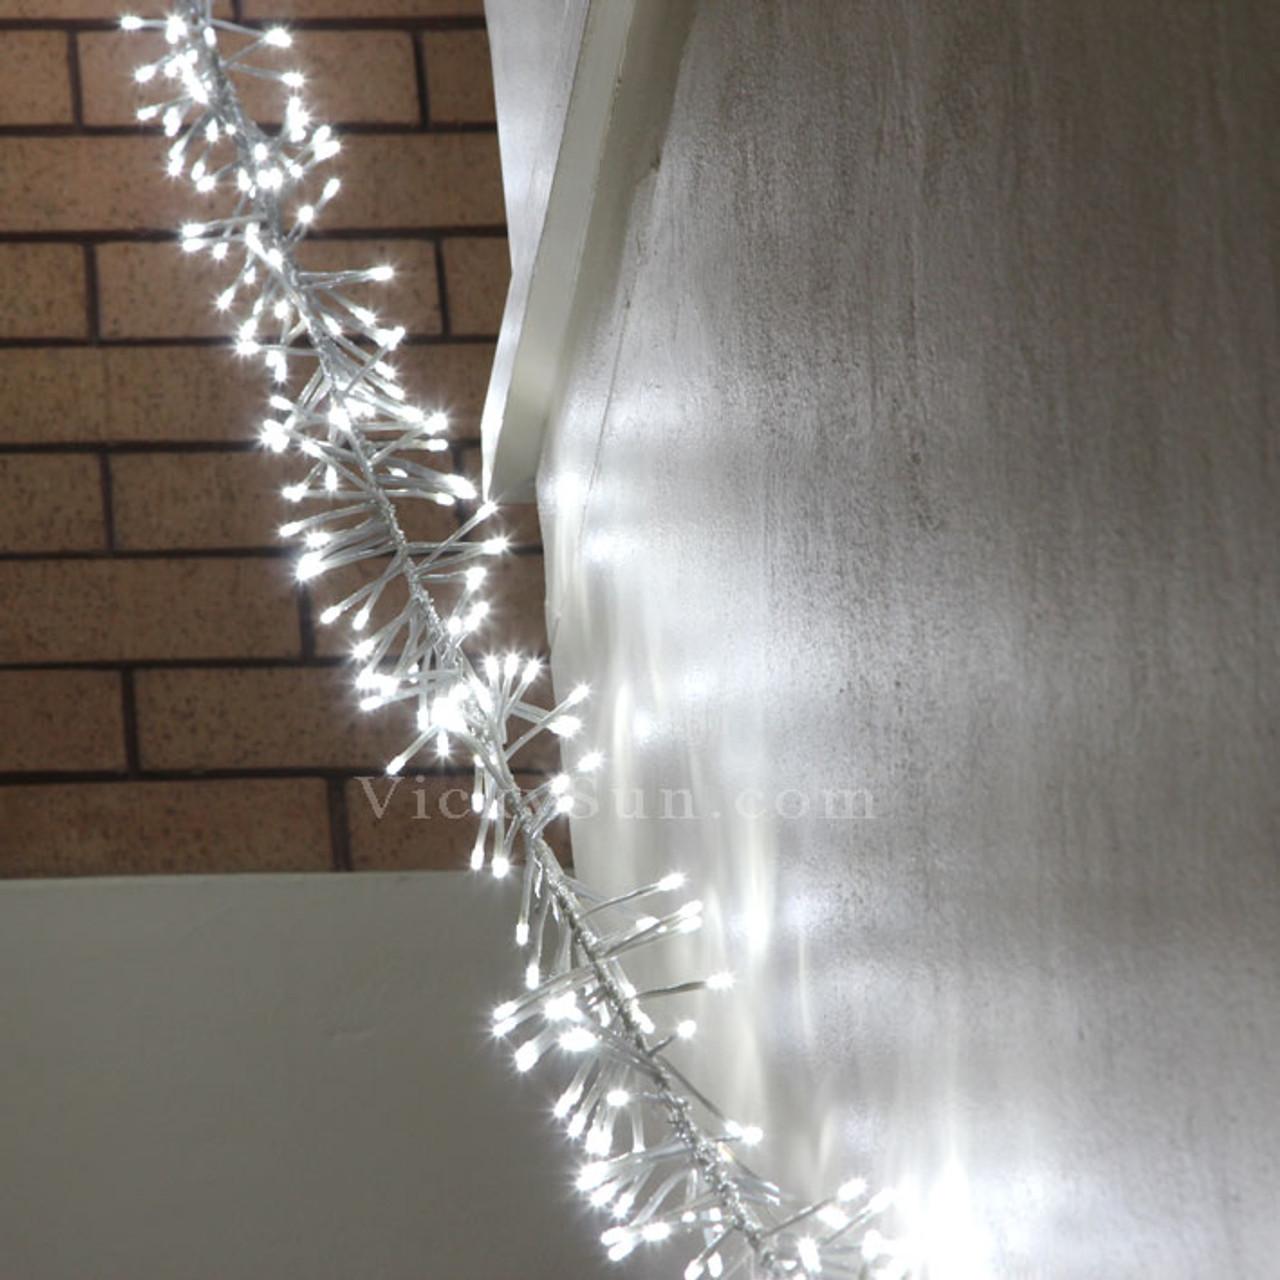 Chaser Christmas Lights.5m 520 Led White Firecracker Chaser String Christmas Lights Clear Wire